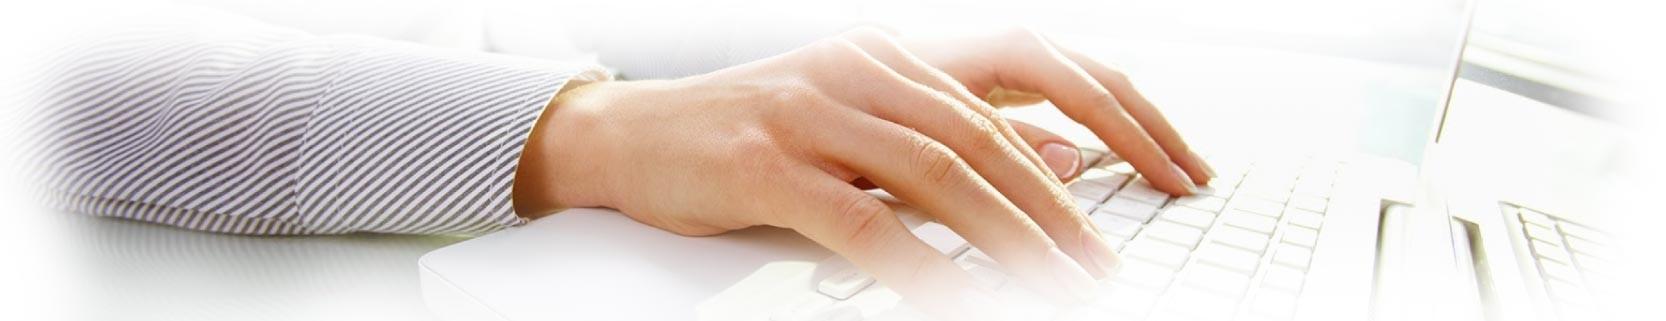 راهنمای ثبت سفارش اینترنتی در دکتر لوکس